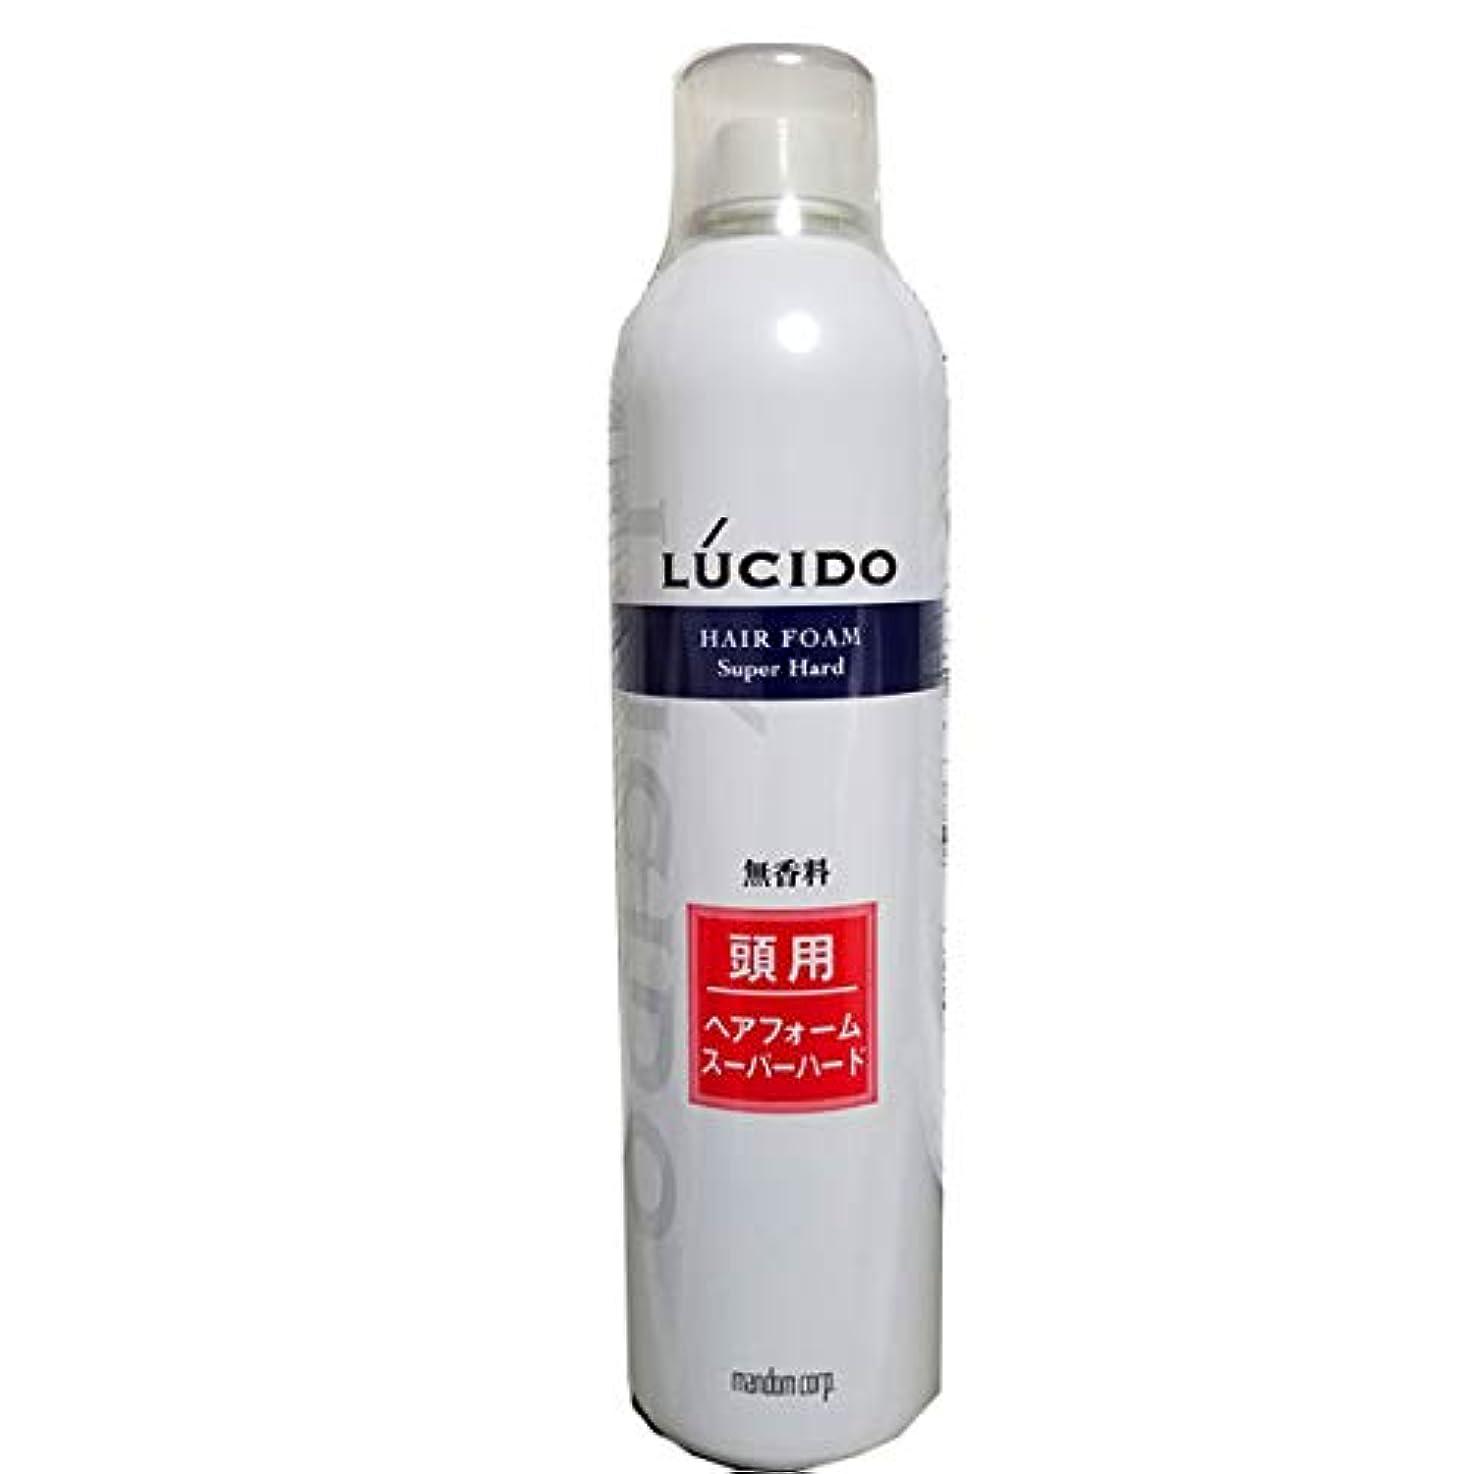 有毒阻害するプランテーションルシード ヘアフォーム スーパーハードO 400g 業務用 40才からの髪に。 マンダム